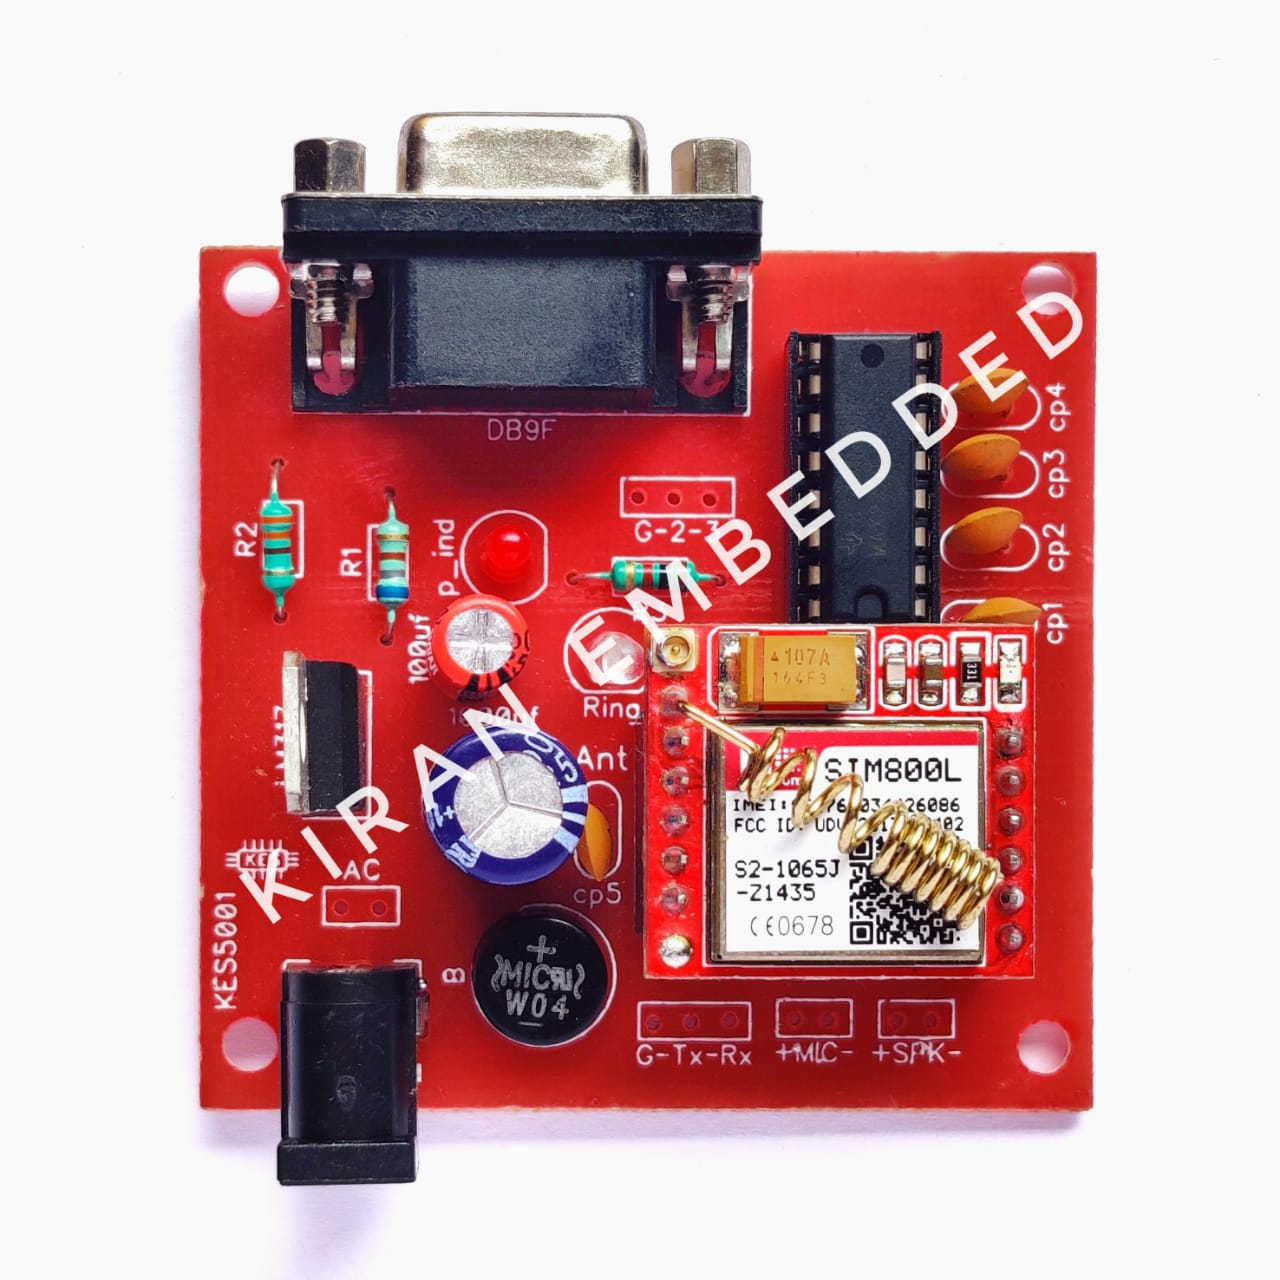 GSM SIM800L Serial